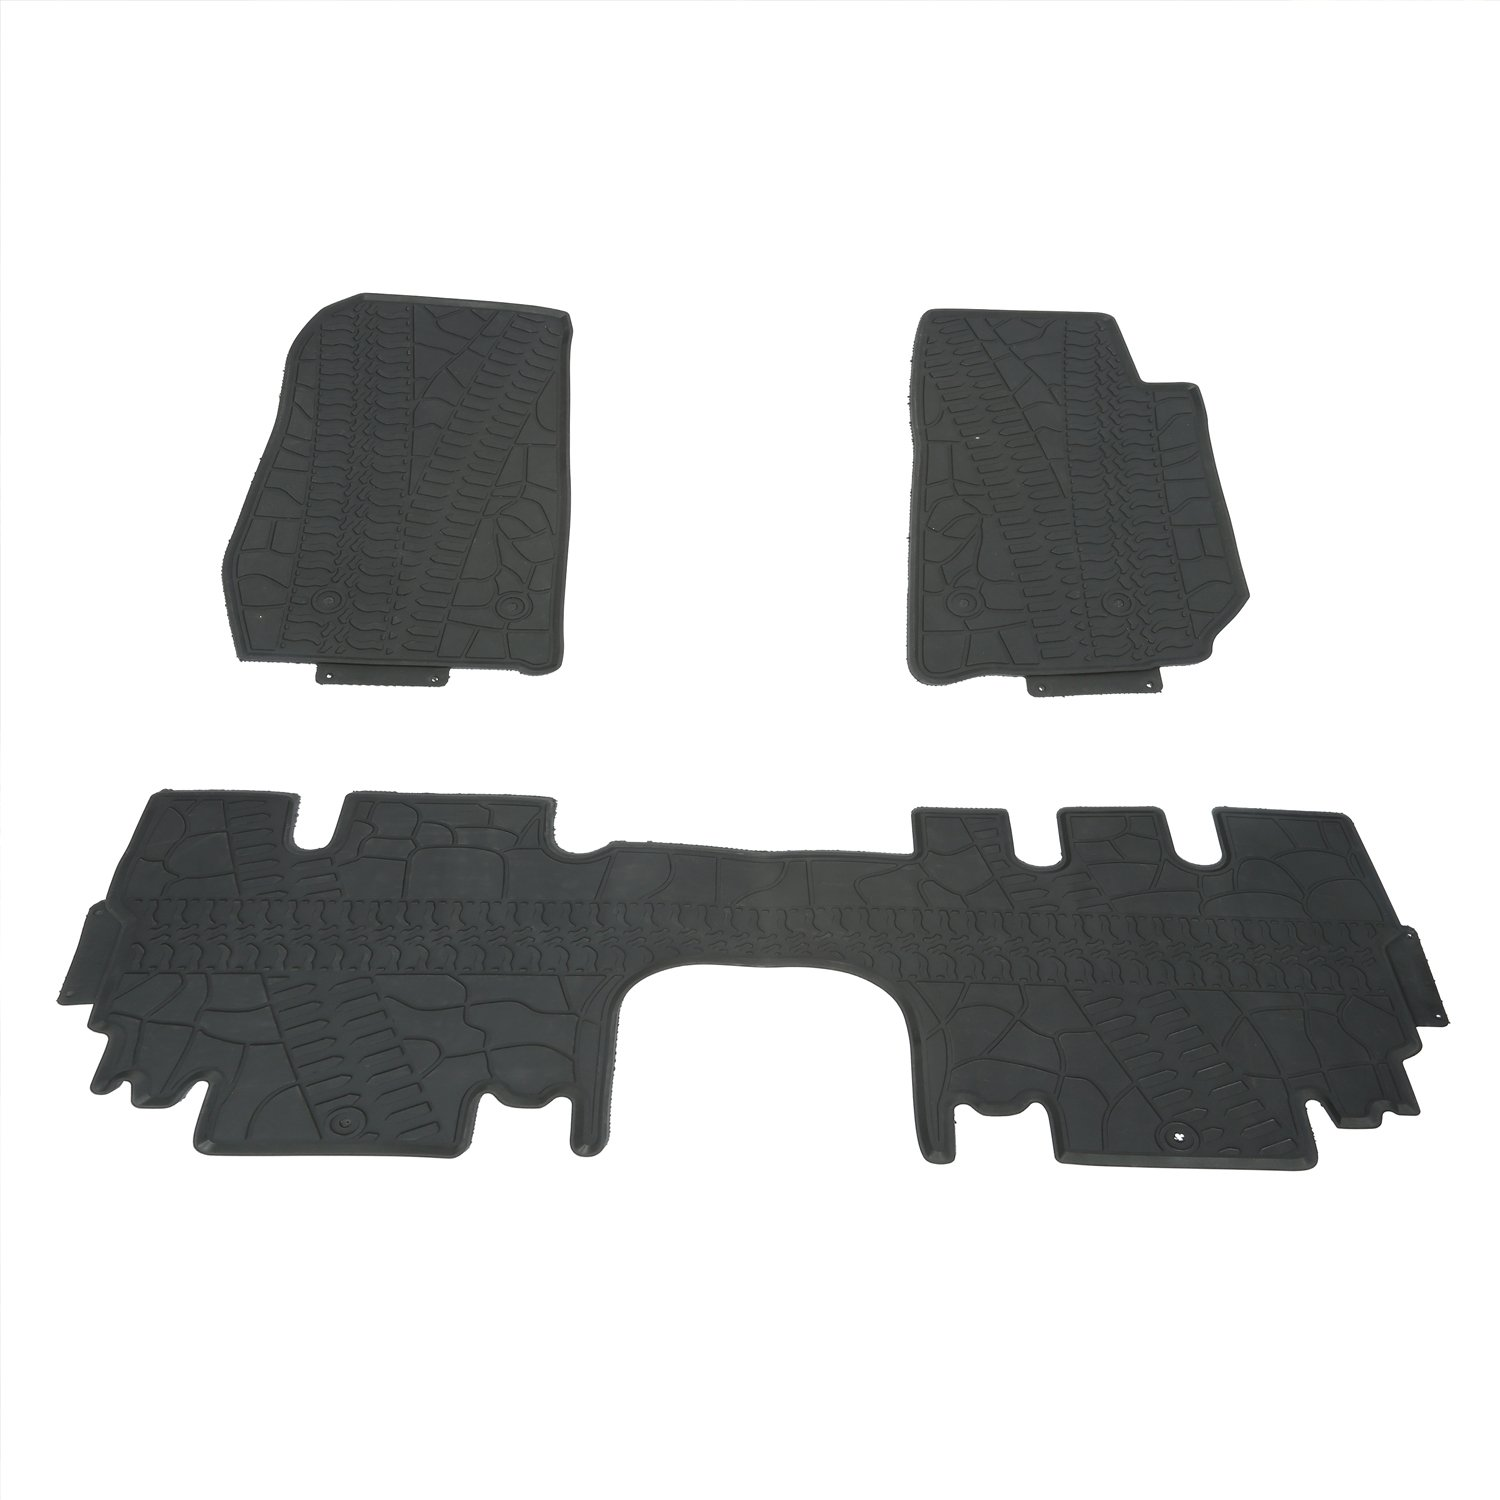 Hooke Road Jeep Wrangler Floor Mat 3-Piece Black Rubber Slush All-Weather Front /& Rear Liner Carpets for 2011-2018 Wrangler JK 4-Door